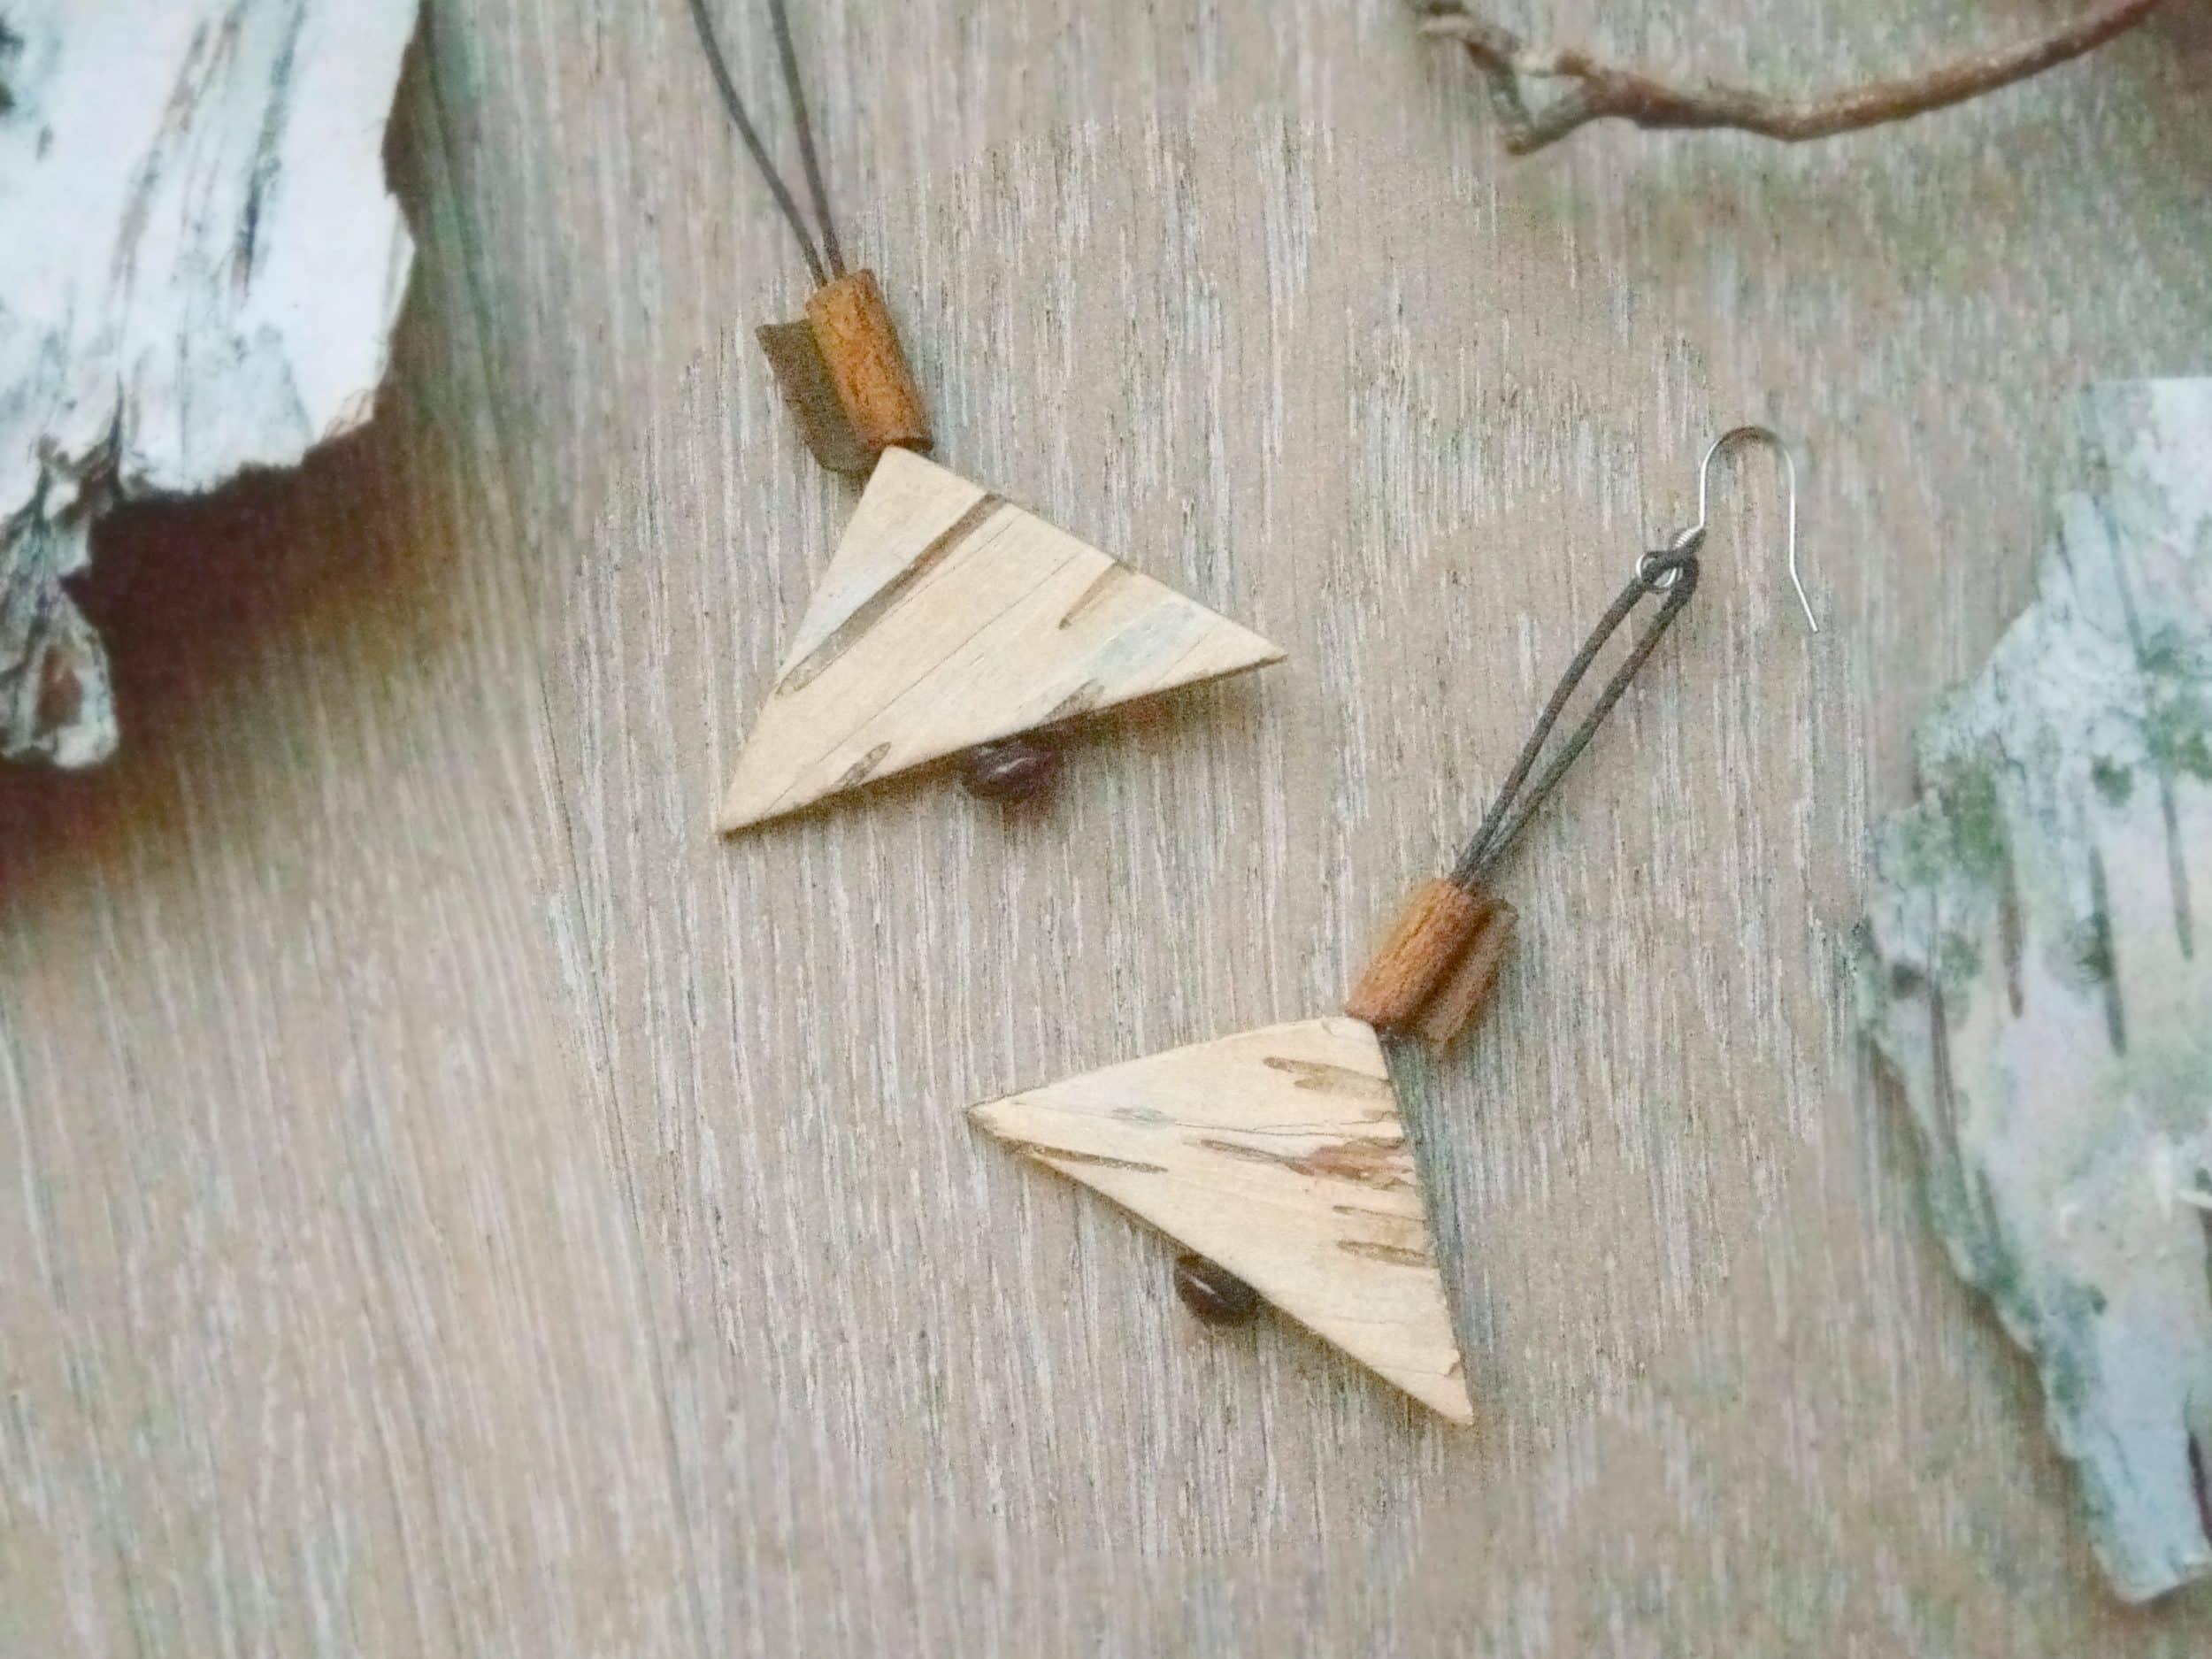 boucles d'oreilles longues, triangles d'écorce et morceau de cannelle pendant au bout d'un cordon marron